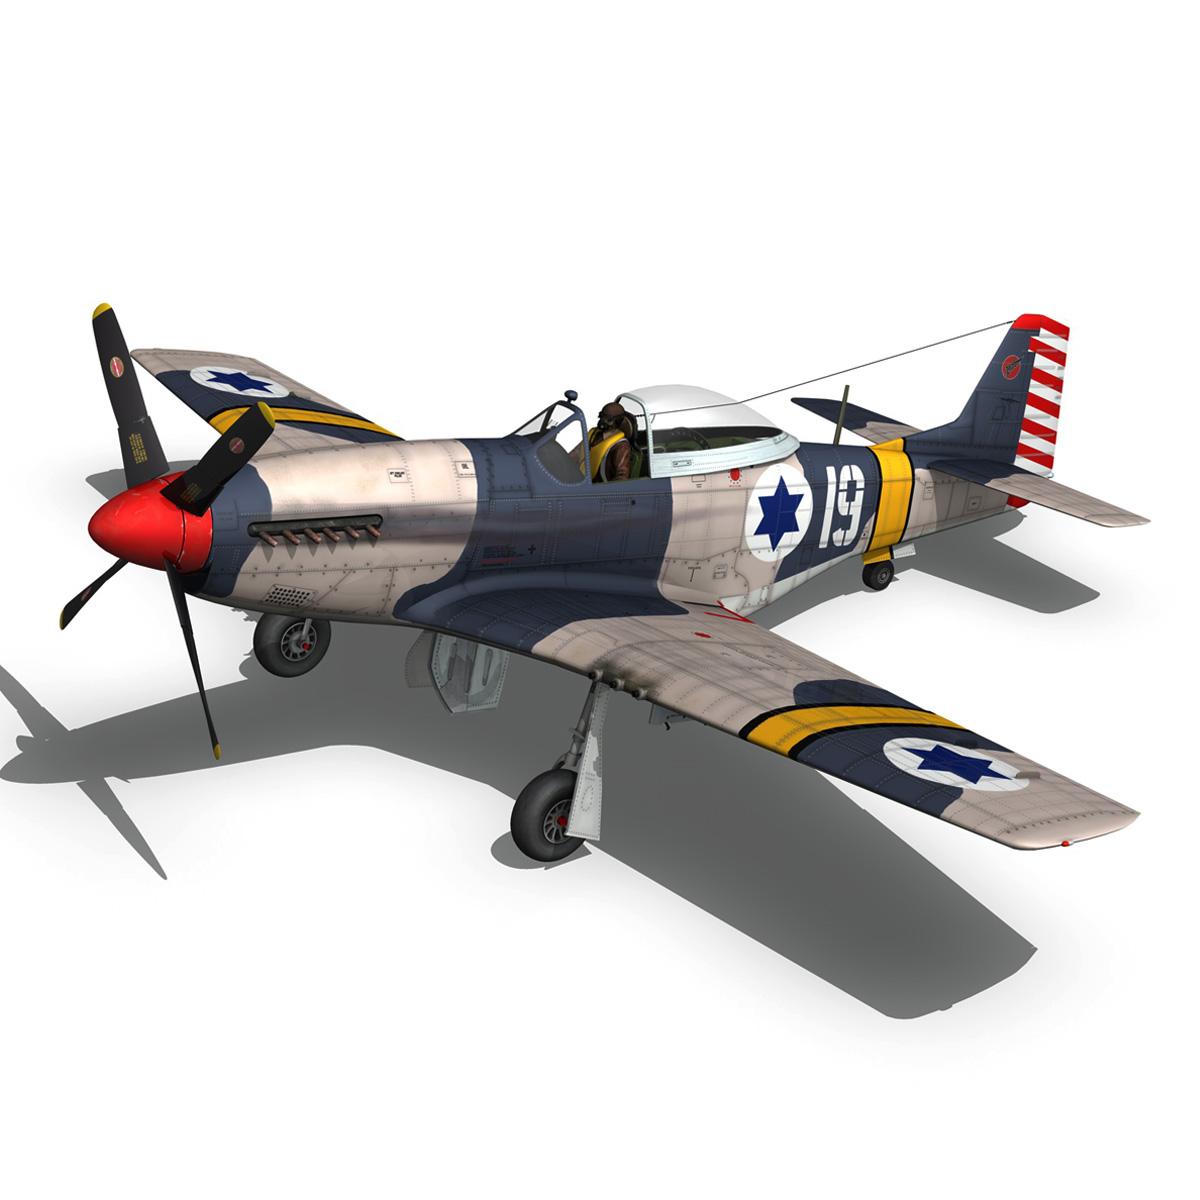 North American P-51D Mustang - IDF 3d model fbx c4d lwo lws lw obj 273316